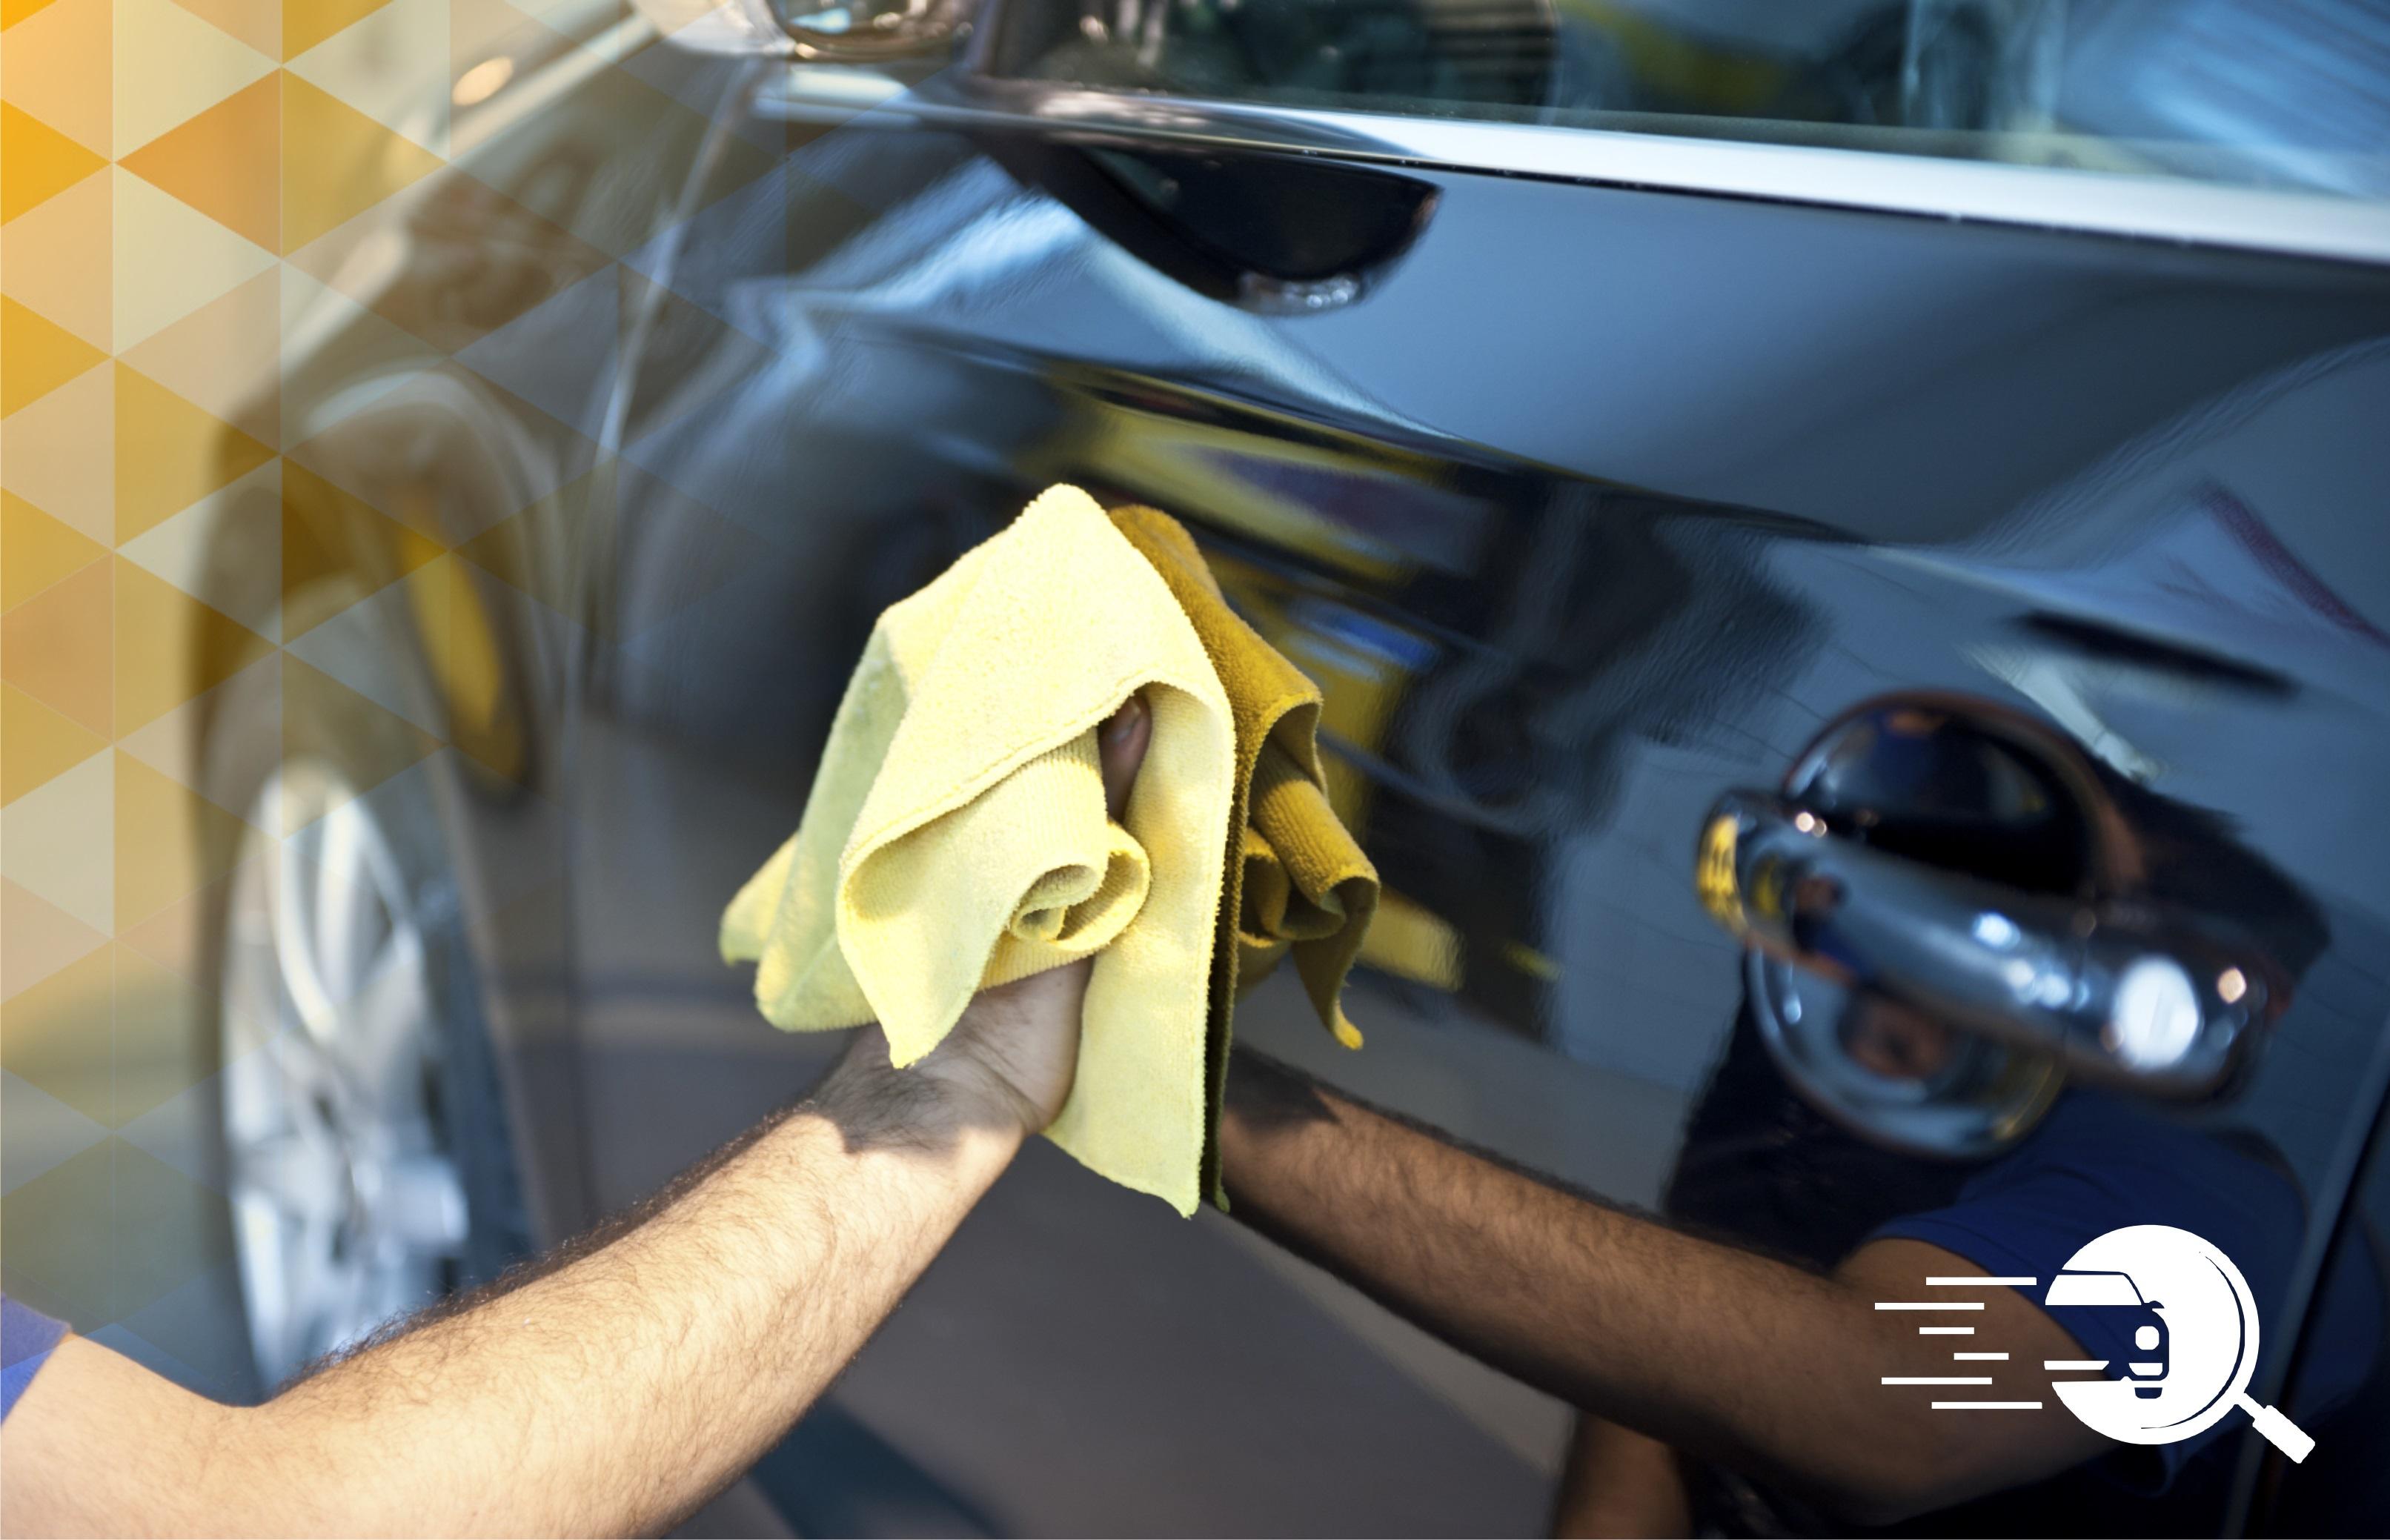 Pintura: 10 dicas para preservar a pintura do seu carro